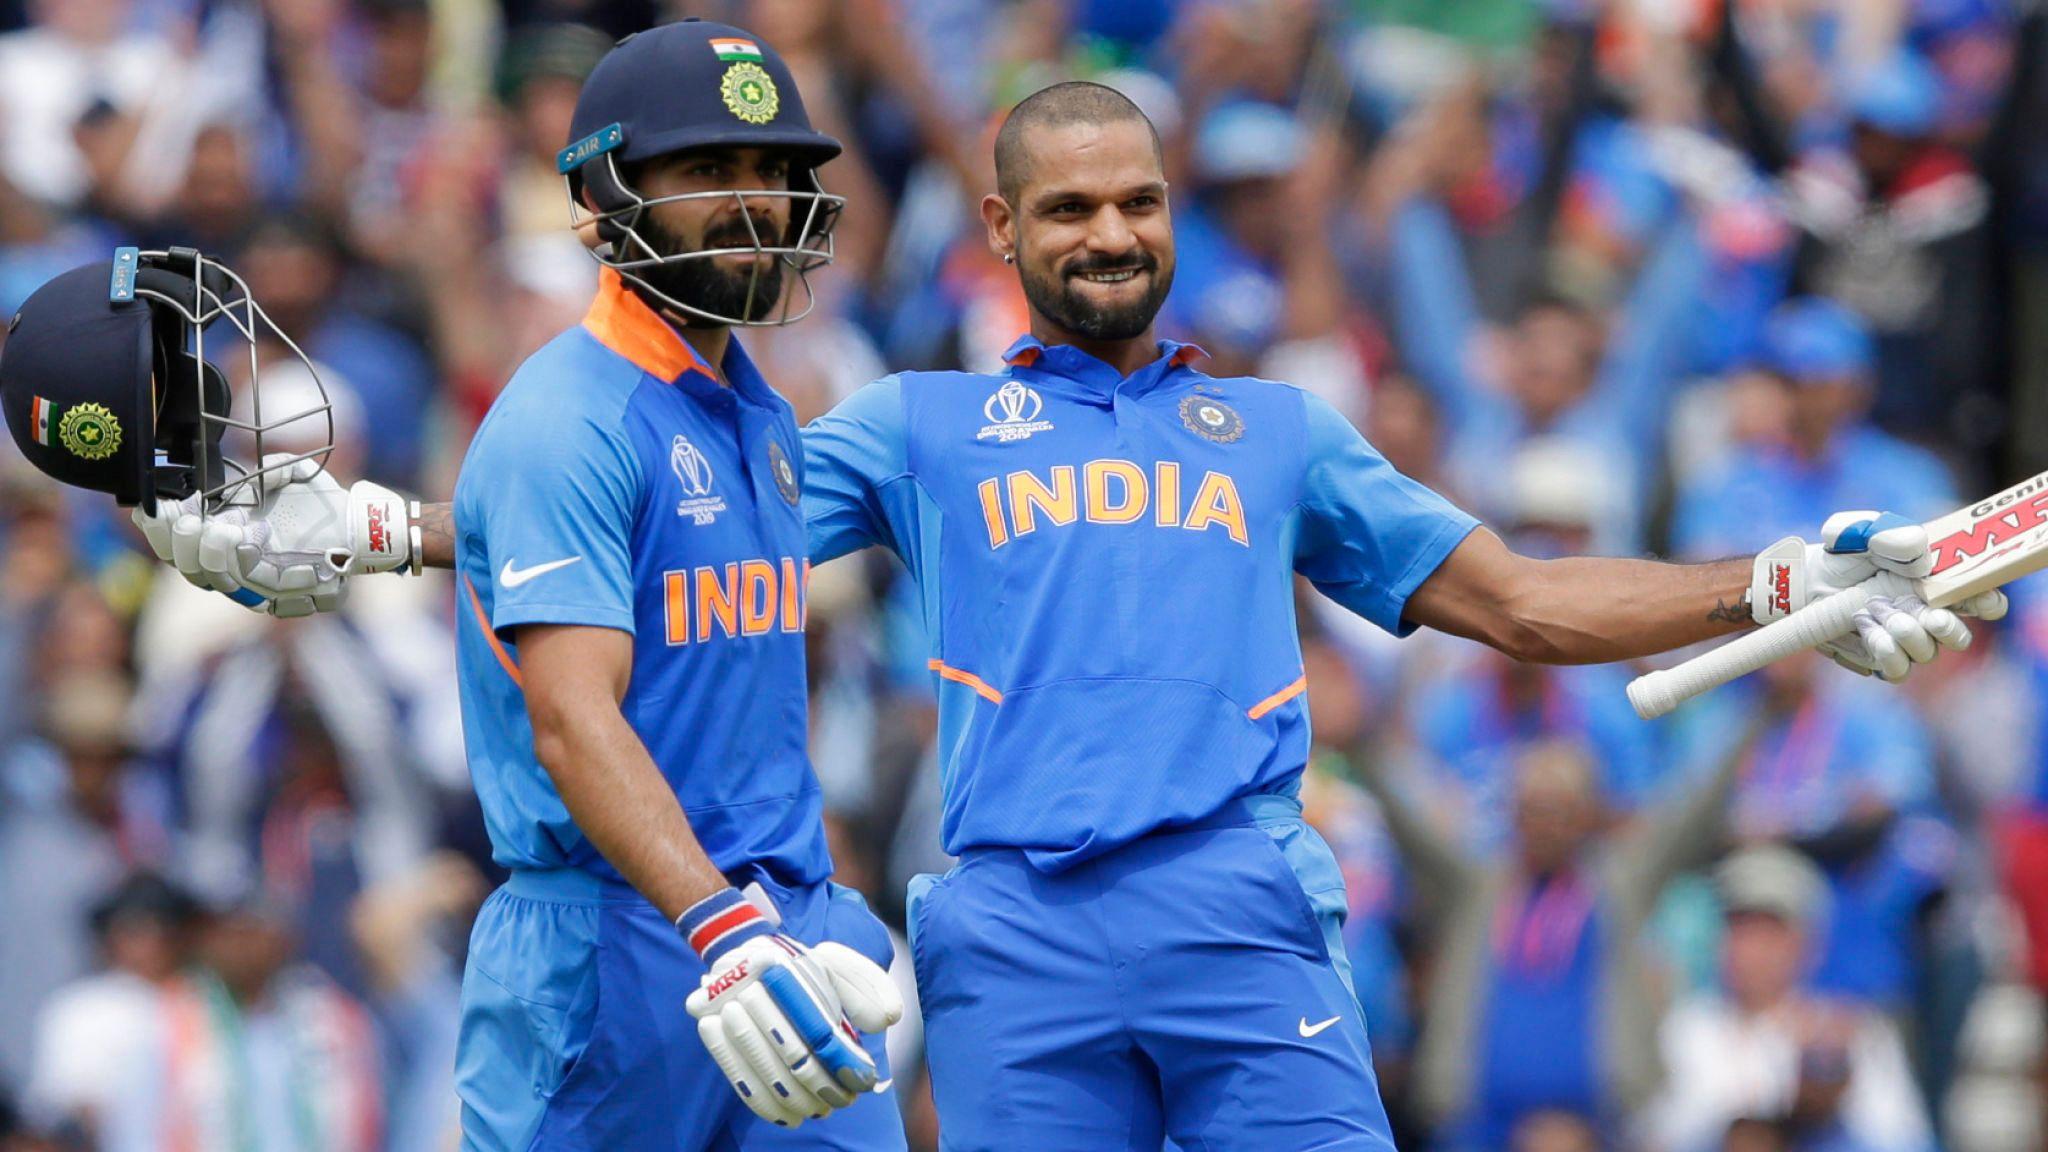 Саня Мірза, Сушил Кумар та інші ТОП-10 зіркових спортсмени Індії